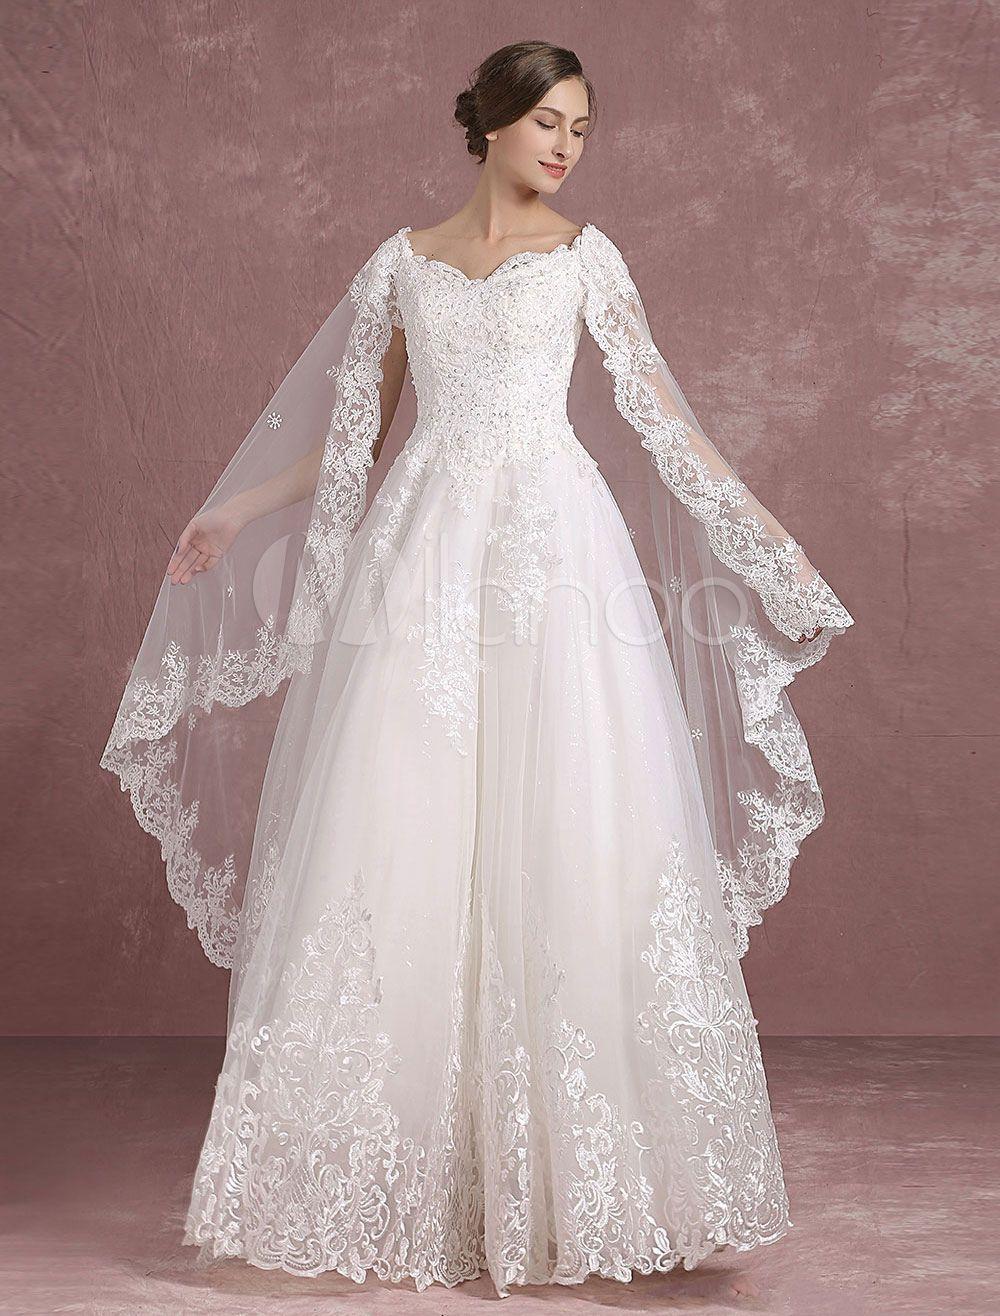 Vestidos de novia de verano 2021 Vestido de novia de encaje con cuello en V Apliques Abalorios Recorte trasero Una línea Vestido de novia maxi con tren Watteau  – Boda